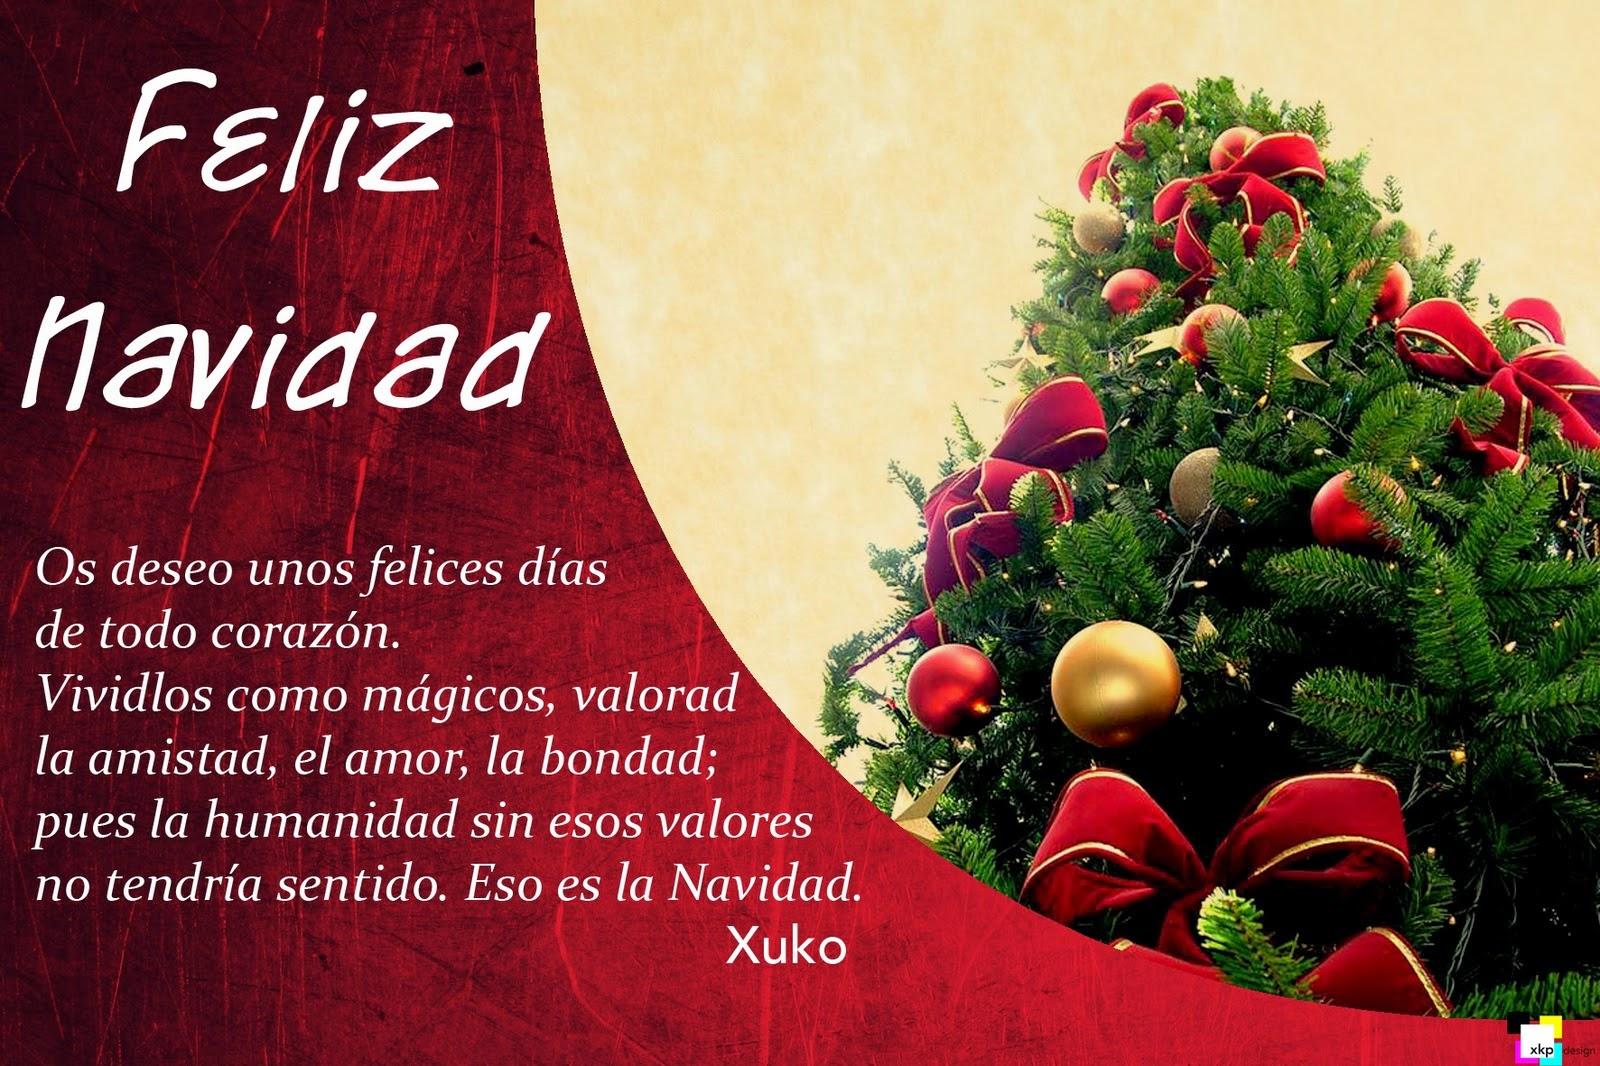 Frases con imagenes de navidad - Frases de navidad 2017 ...